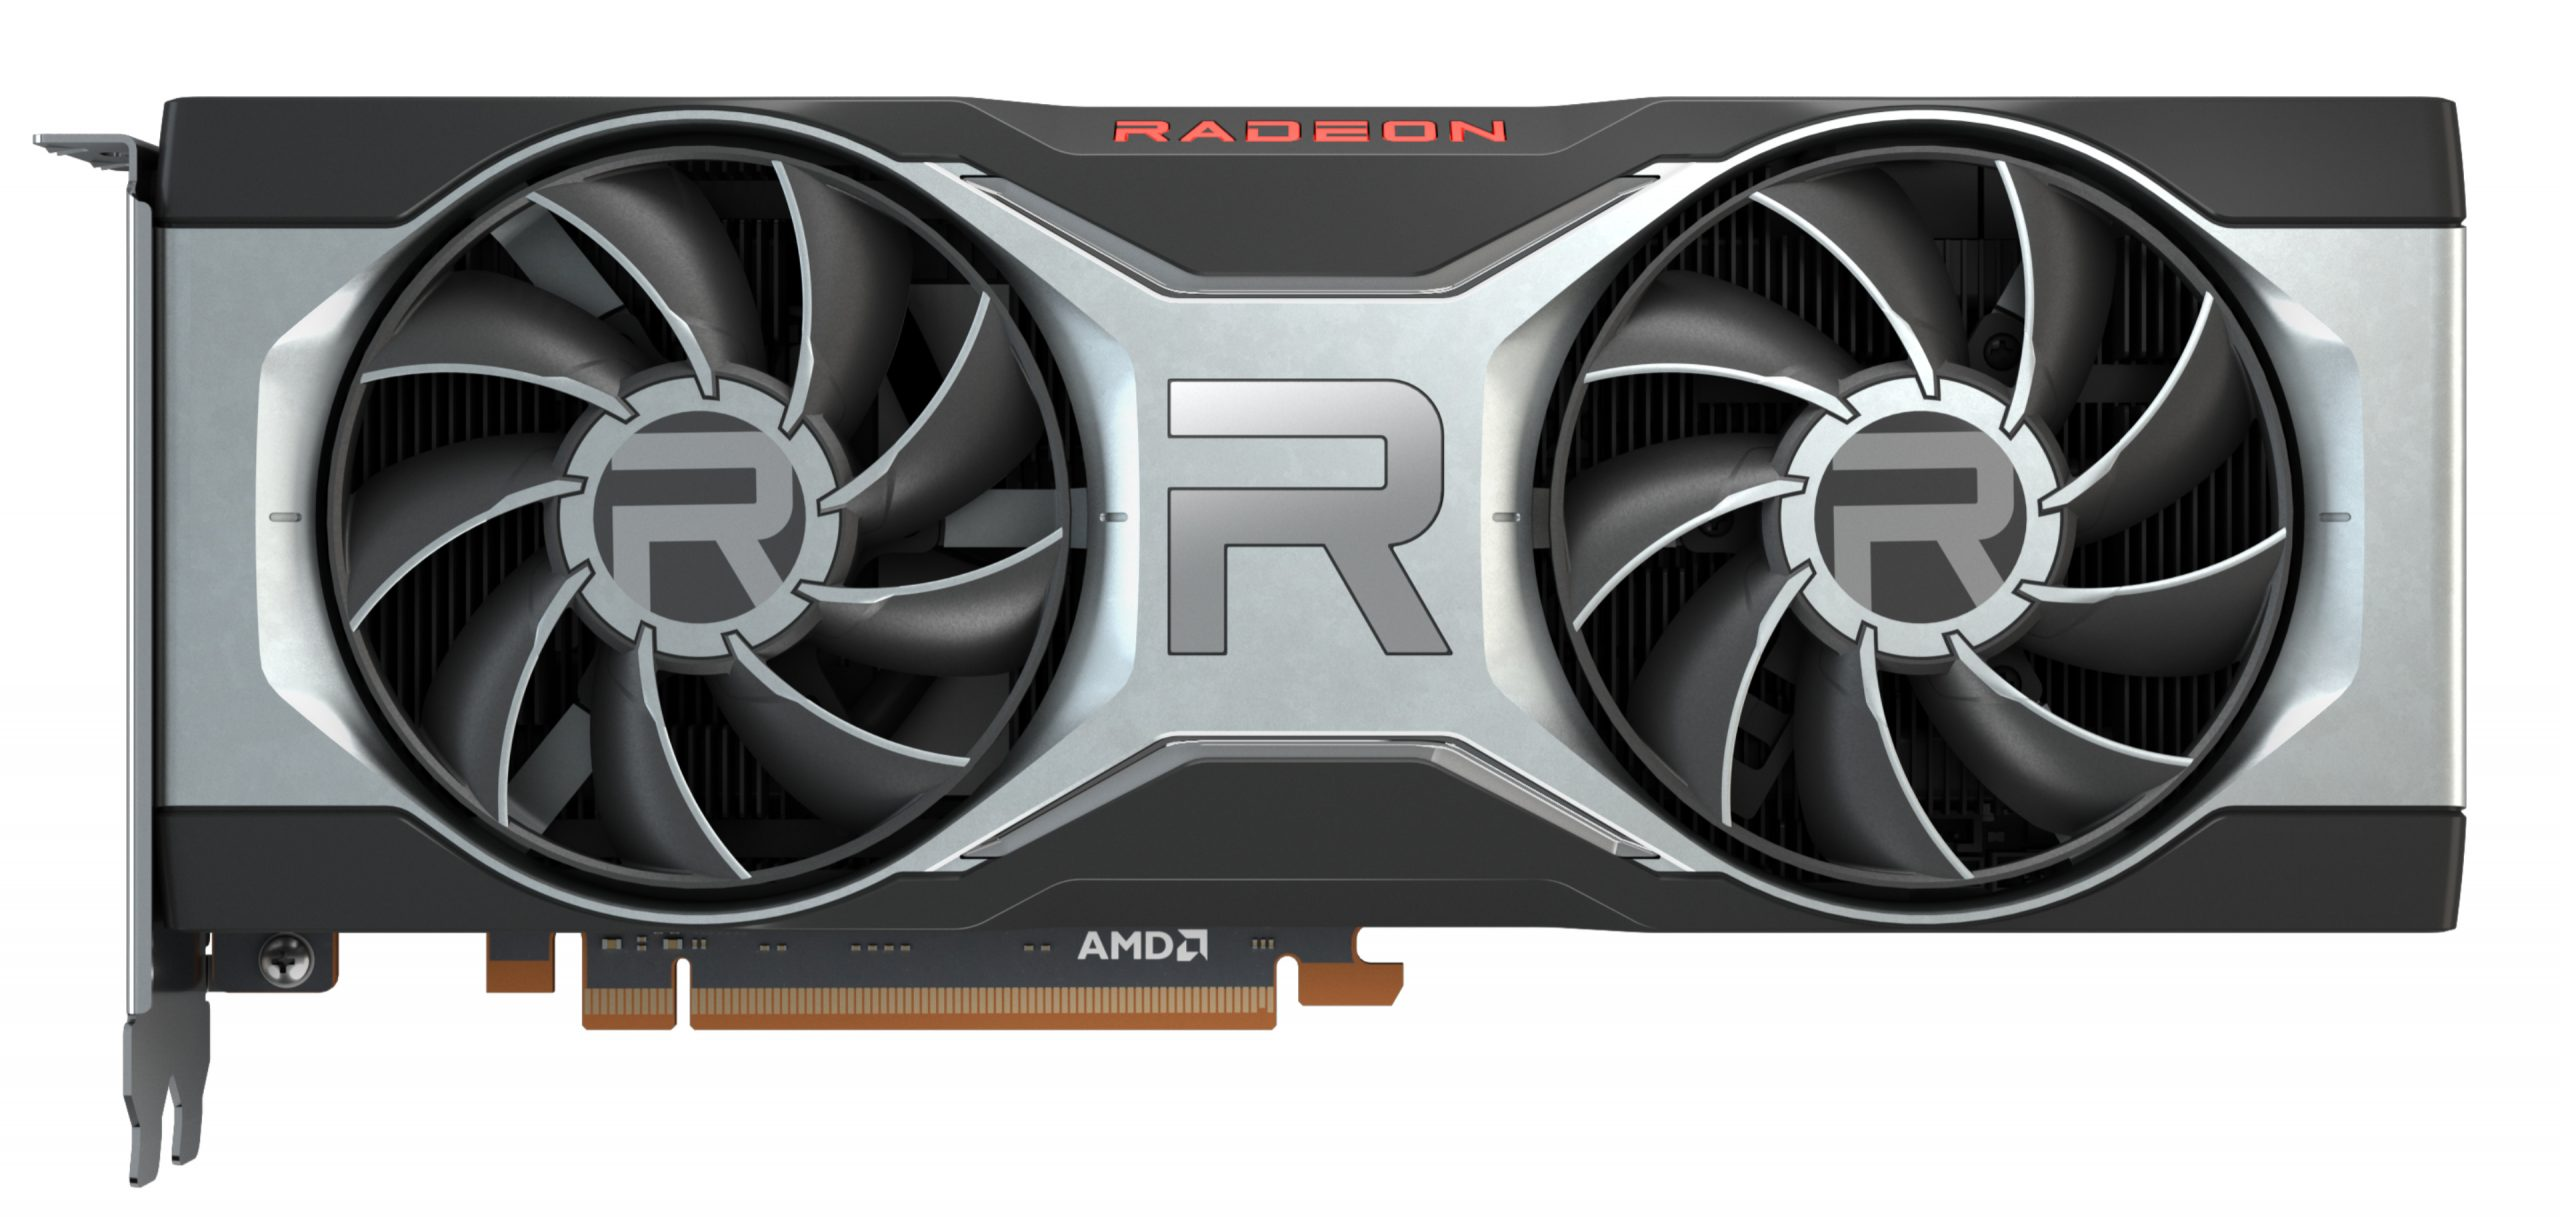 کارت گرافیک ای ام دی Radeon RX 6700 XT